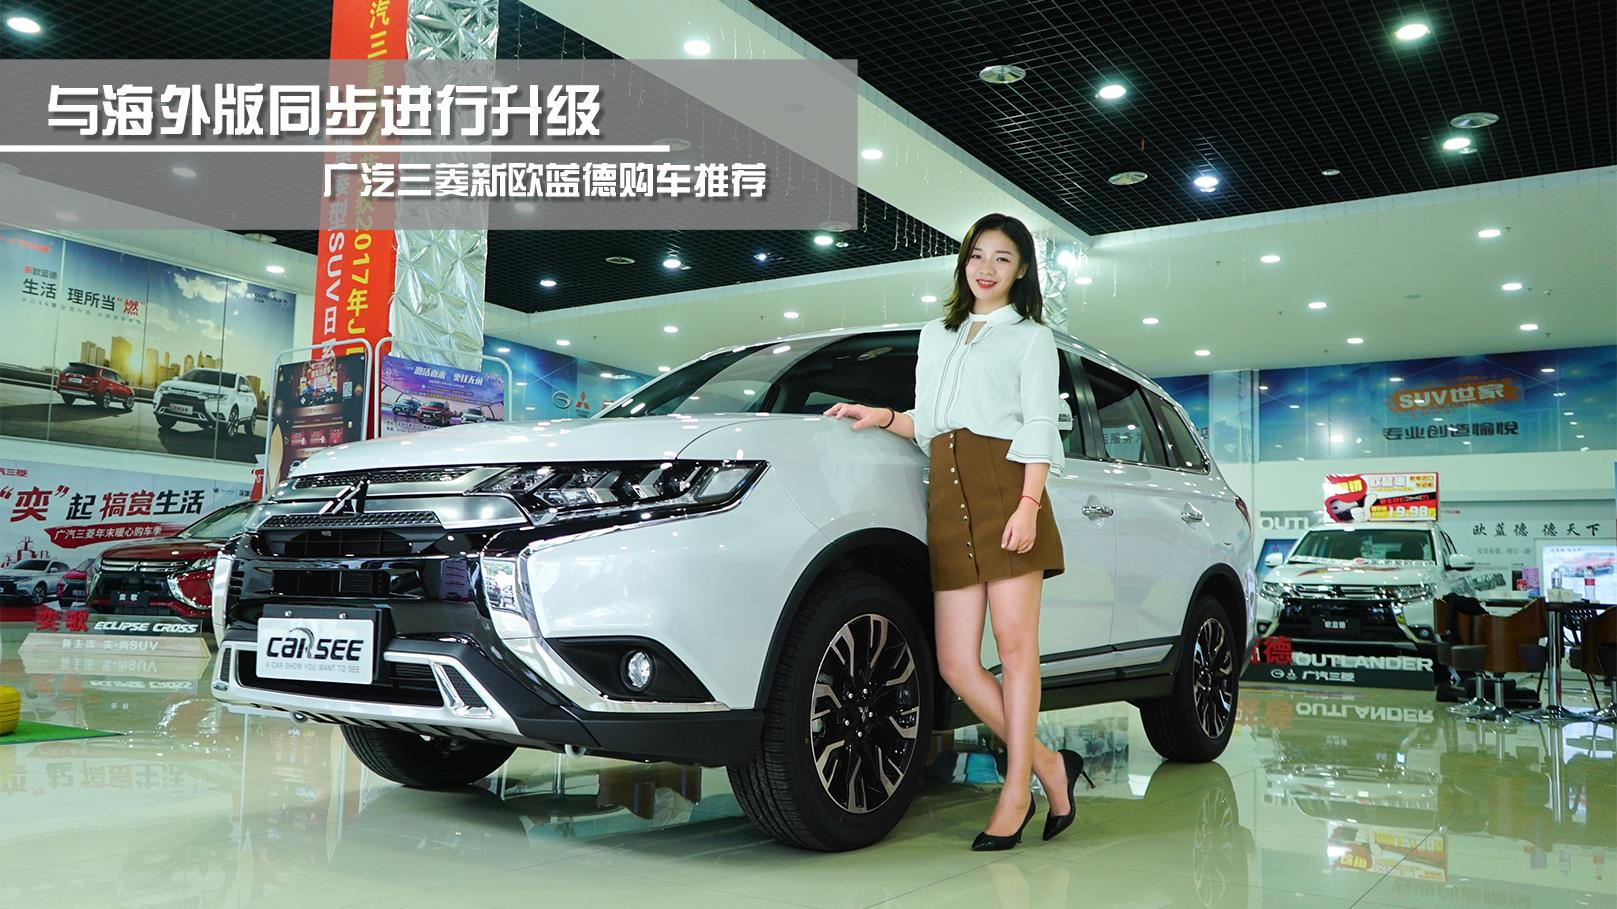 [买车课]与海外版同步升级 广汽三菱新欧蓝德购车推荐